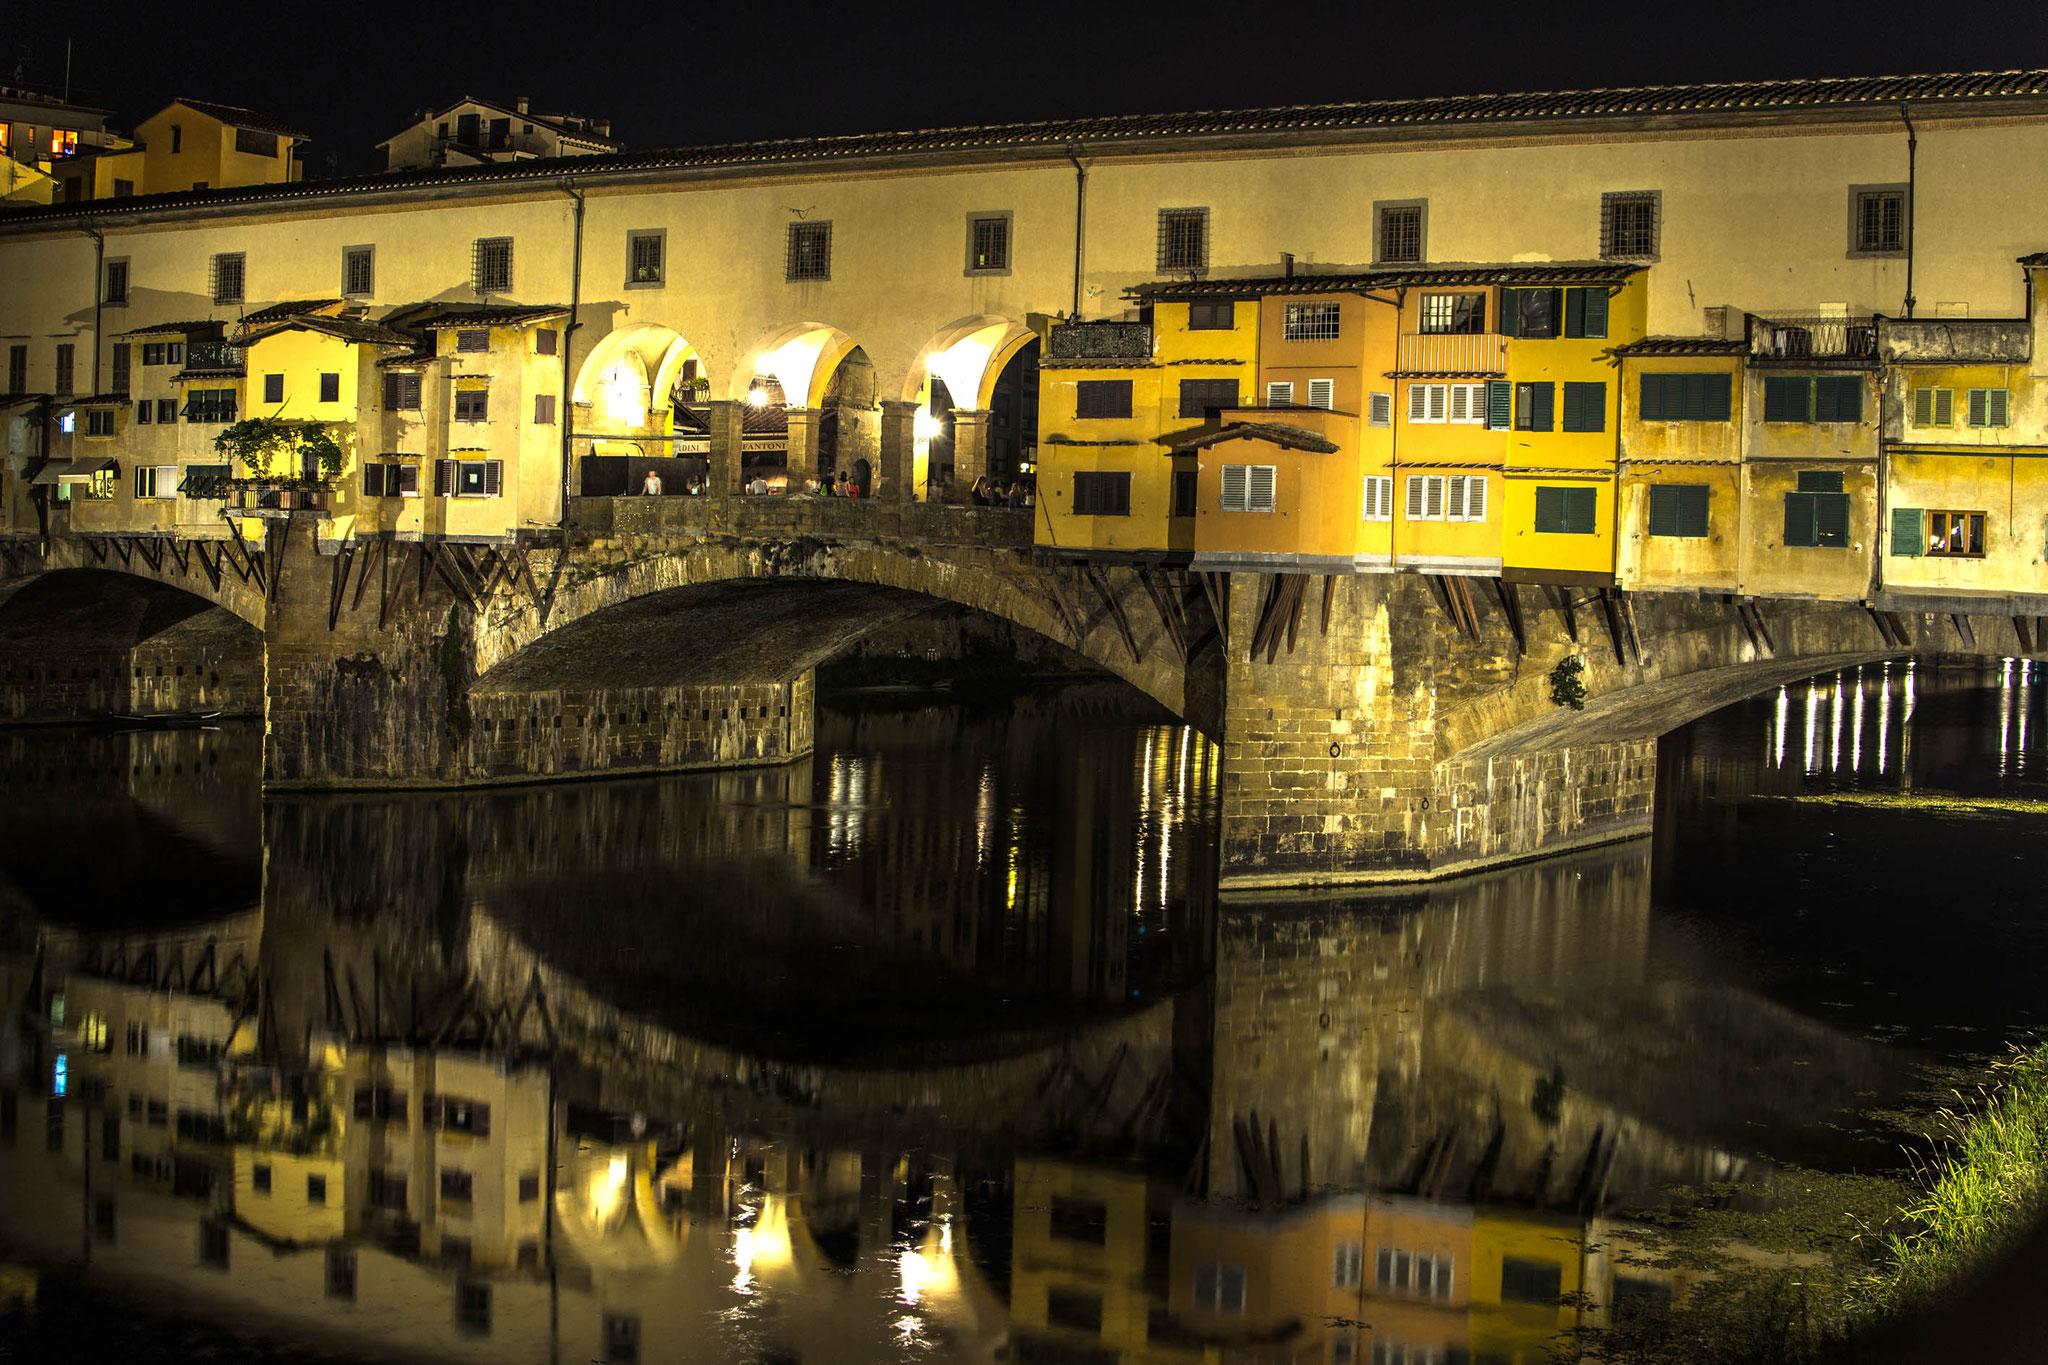 2 + Philippe GOMIS - Ponte Vecchio Firenze